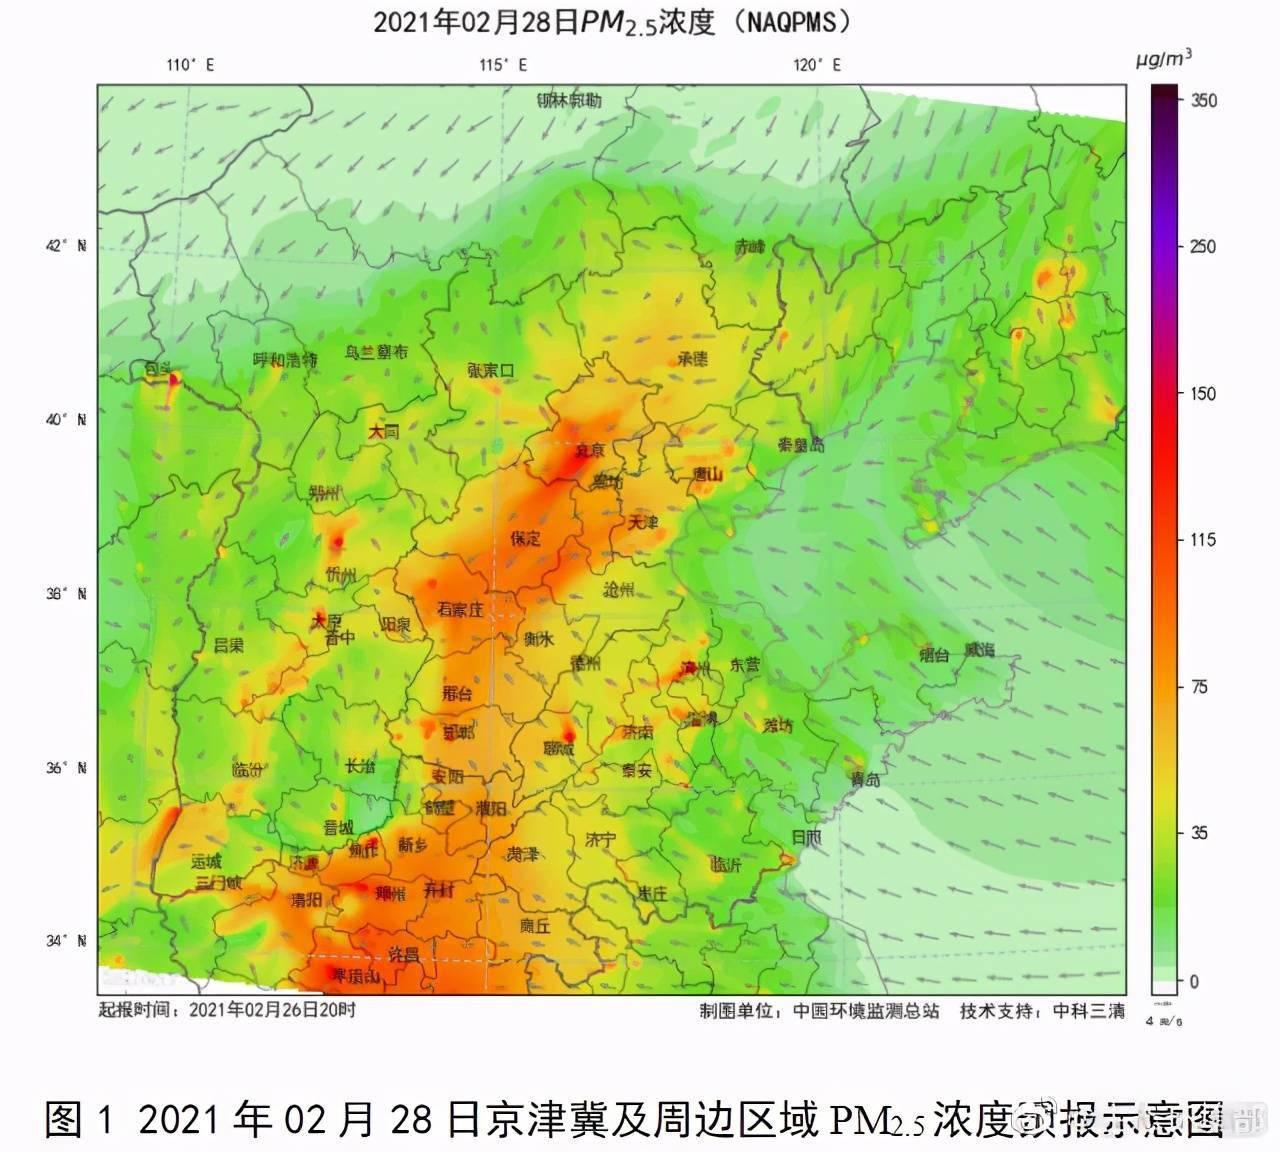 生态环境部:未来3天,华北中南部和华南北部可能出现中度污染